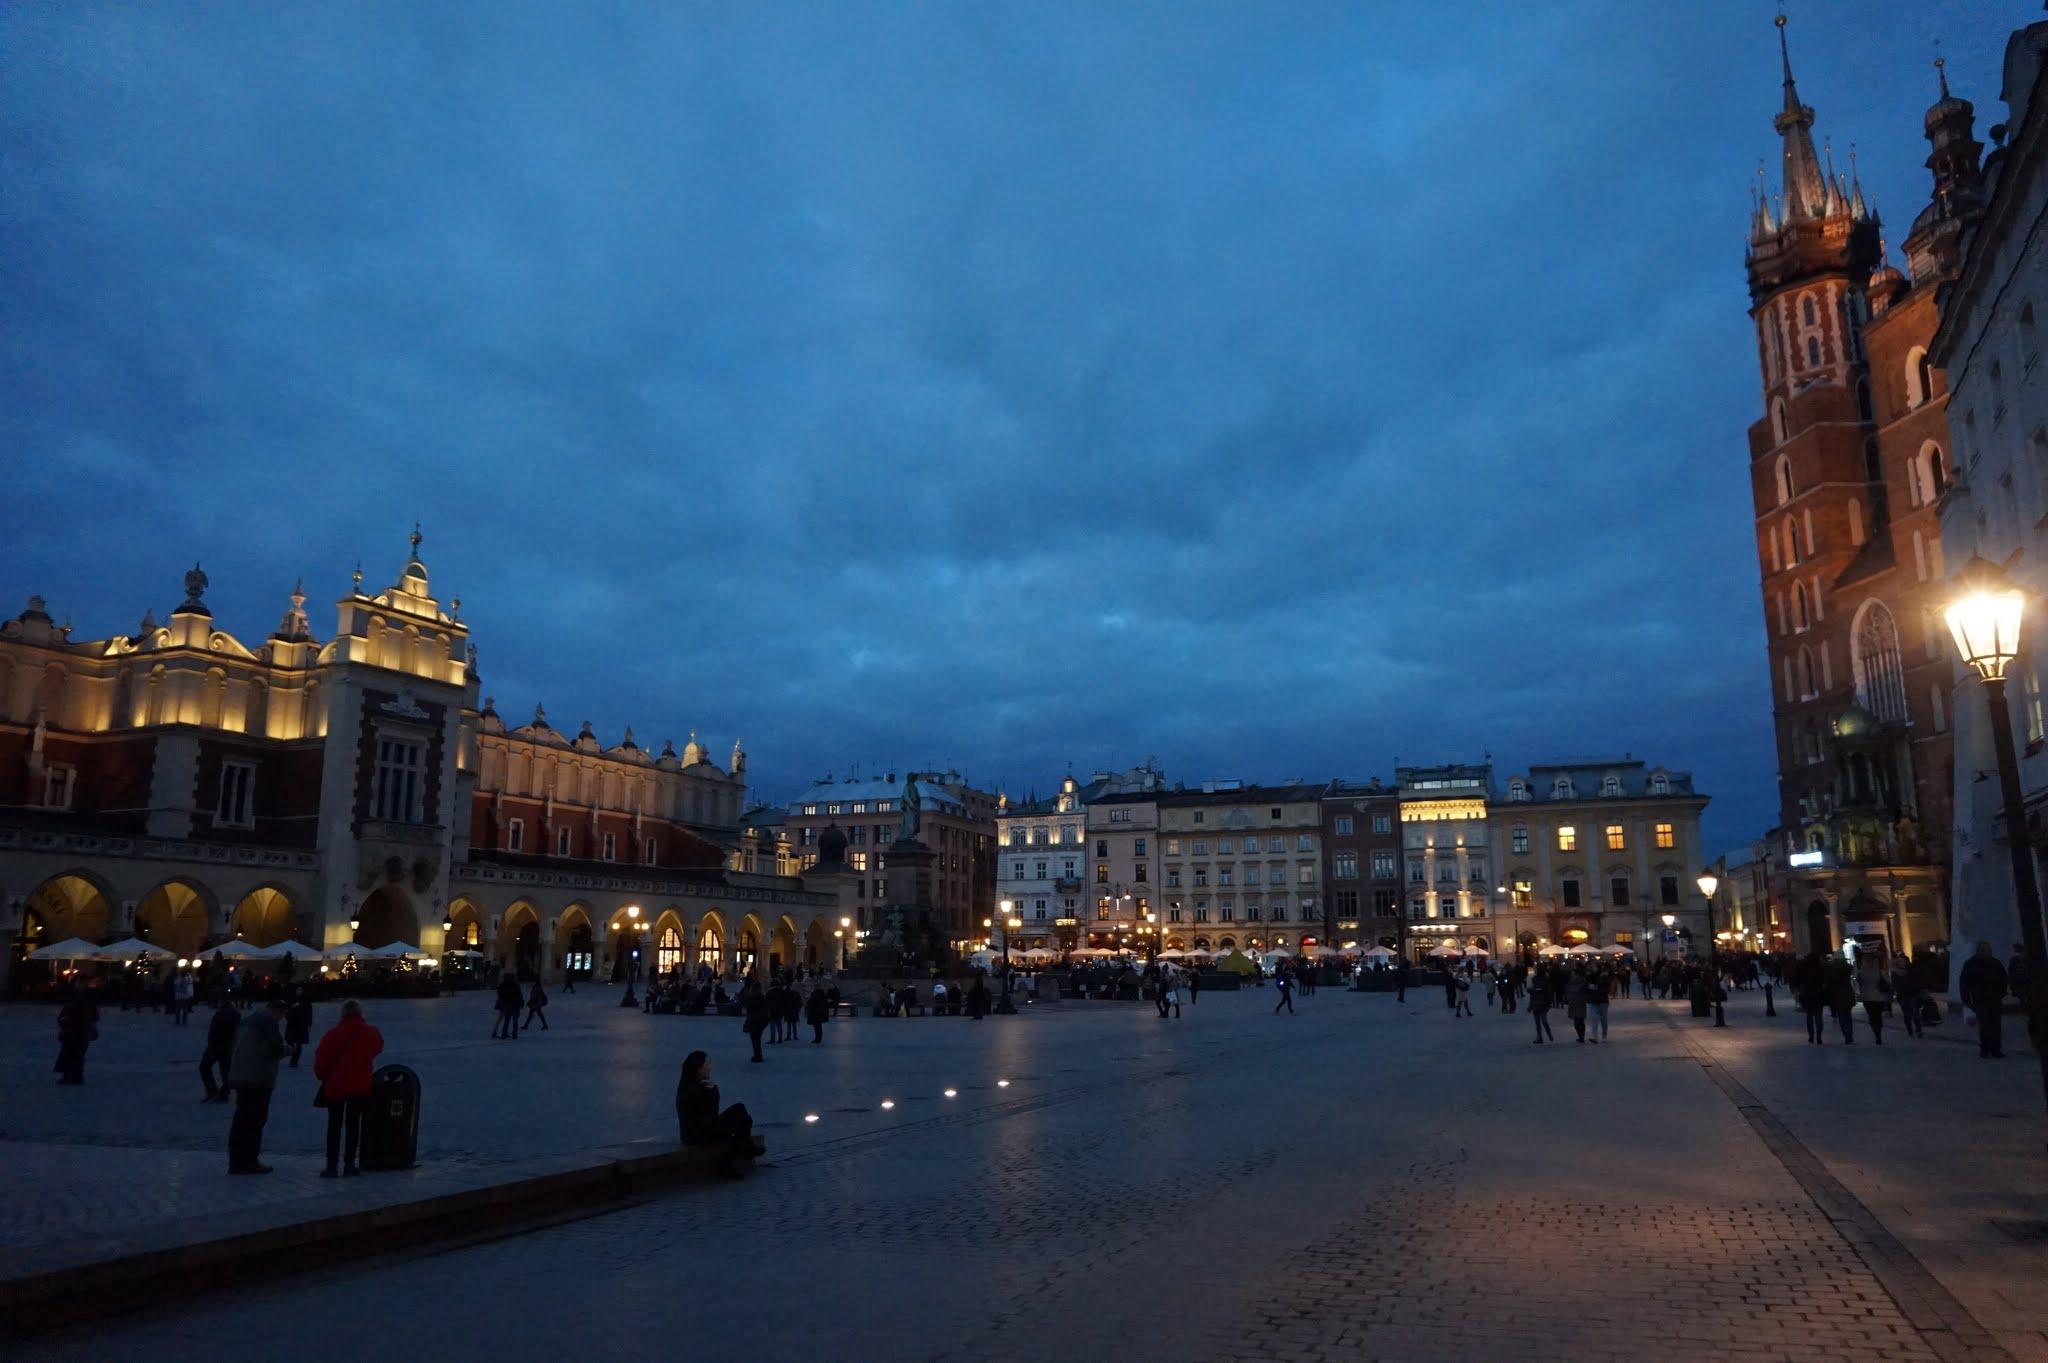 Piata Mare din Cracovia